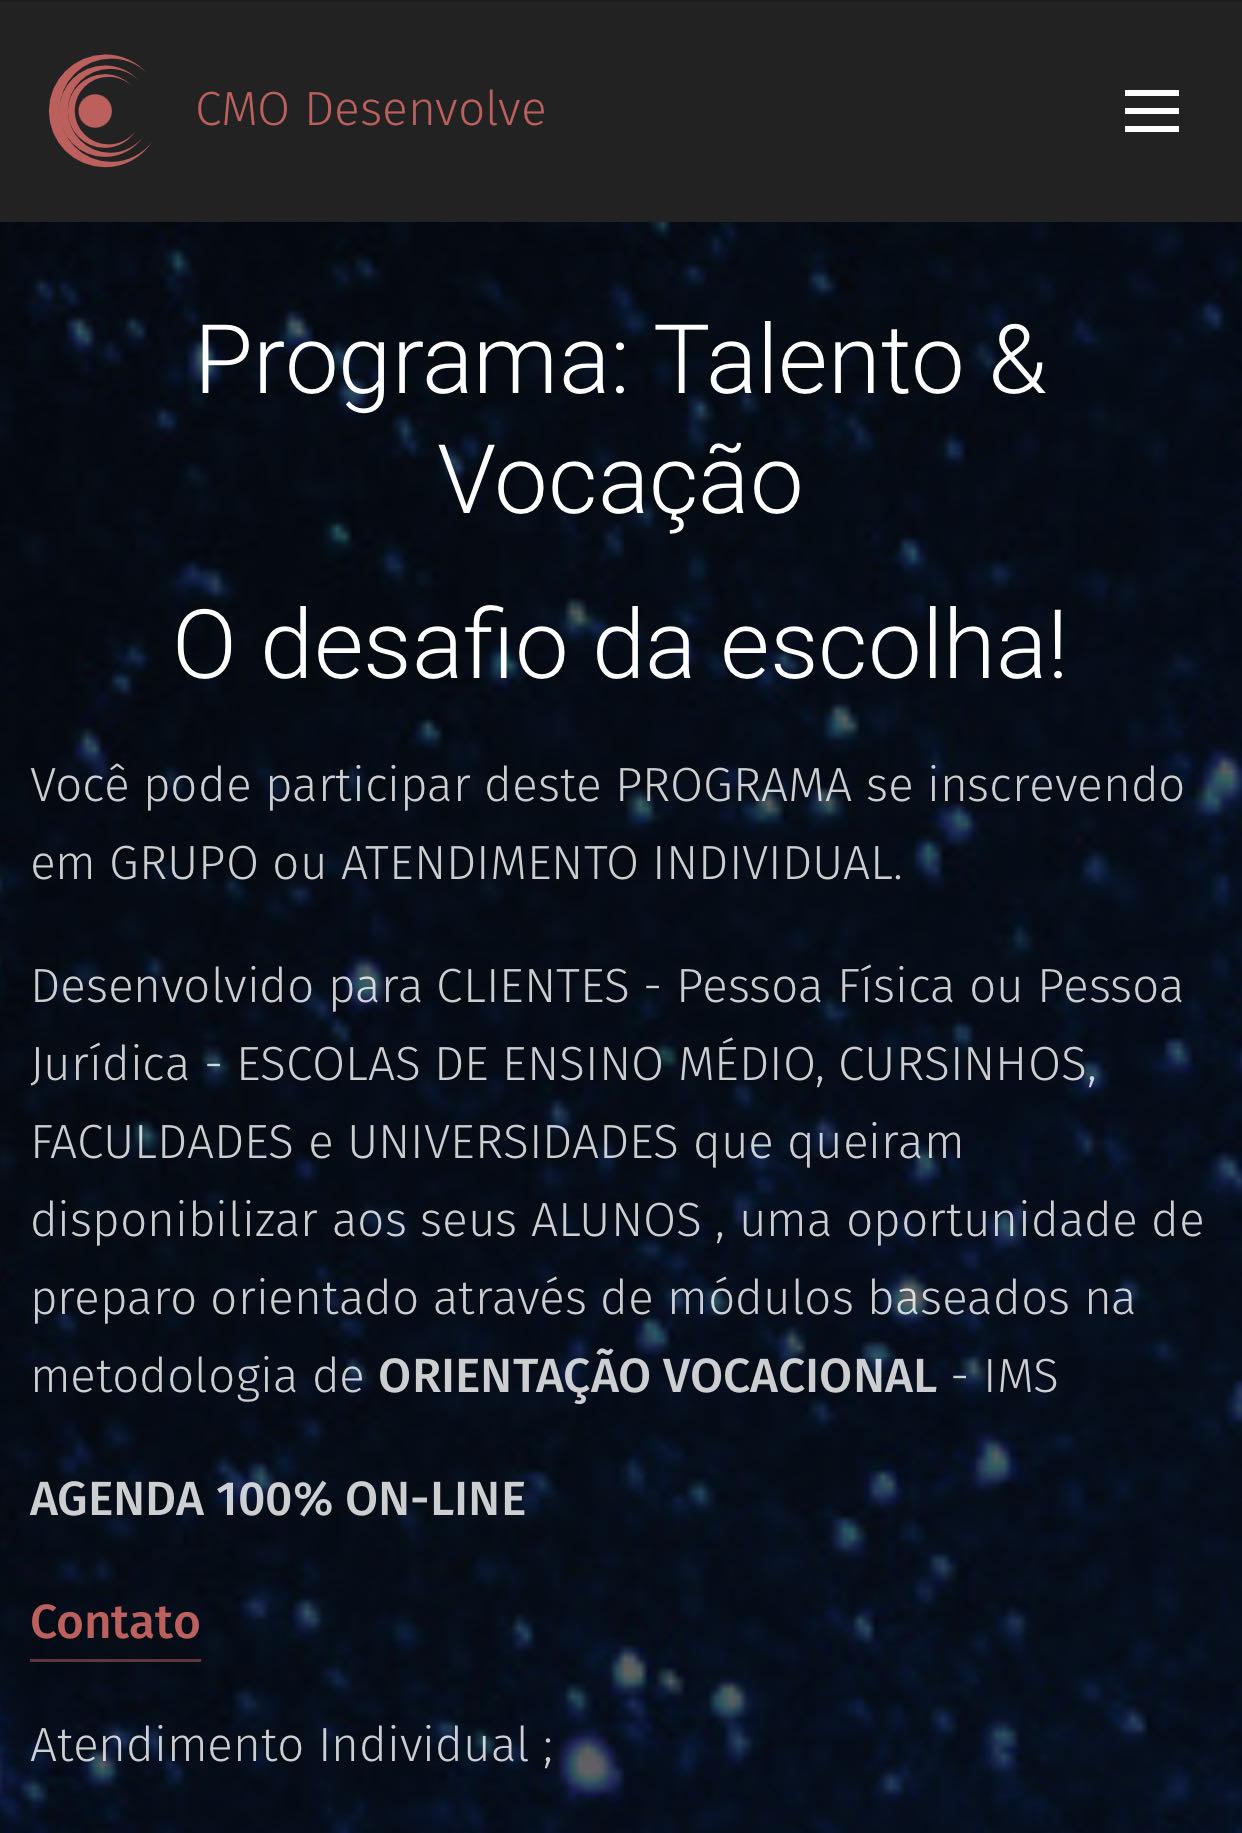 Programa Talento e Vocação - 100% On-line